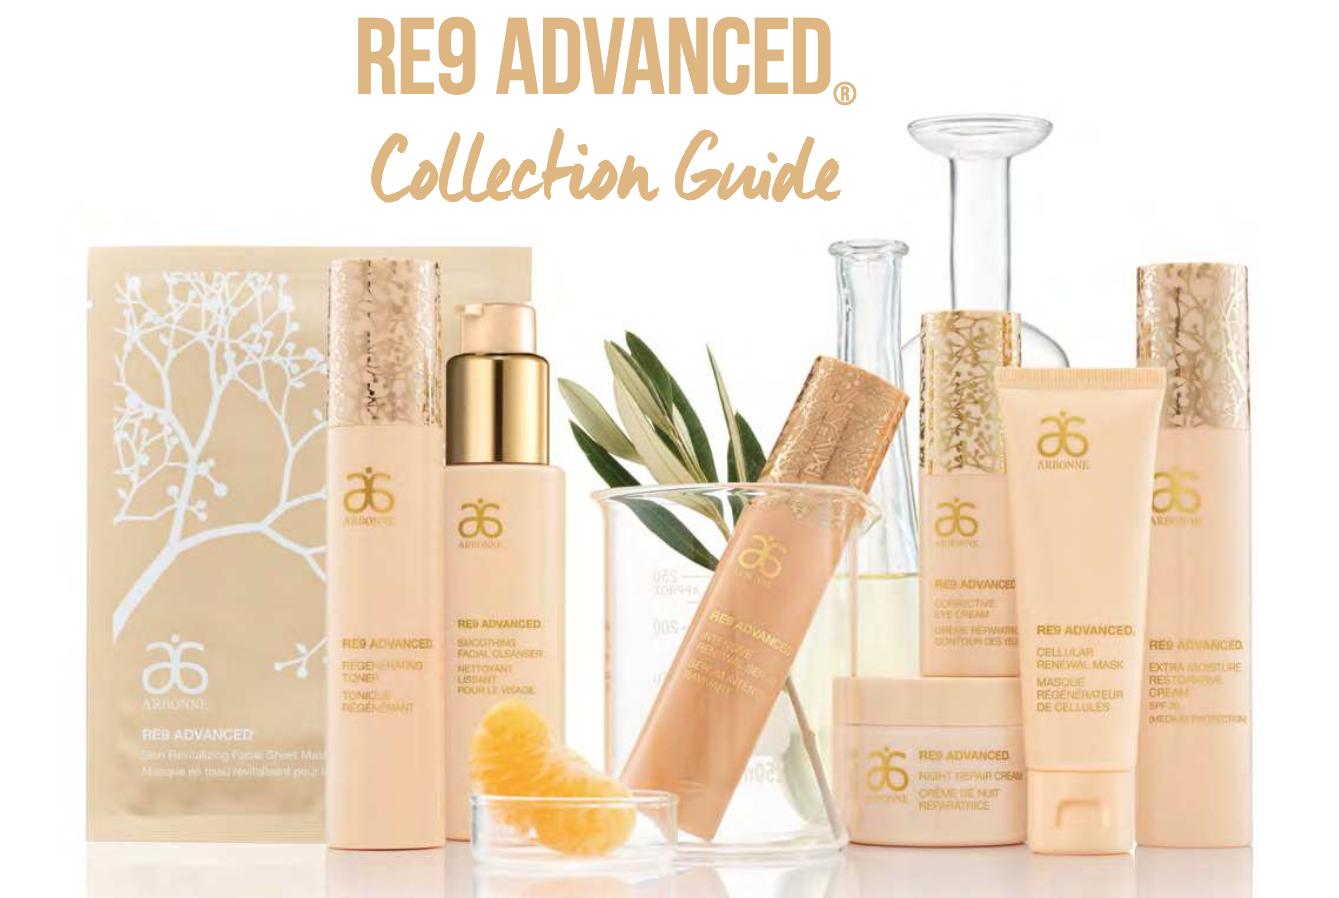 Arbonne RE9 Advanced Collection